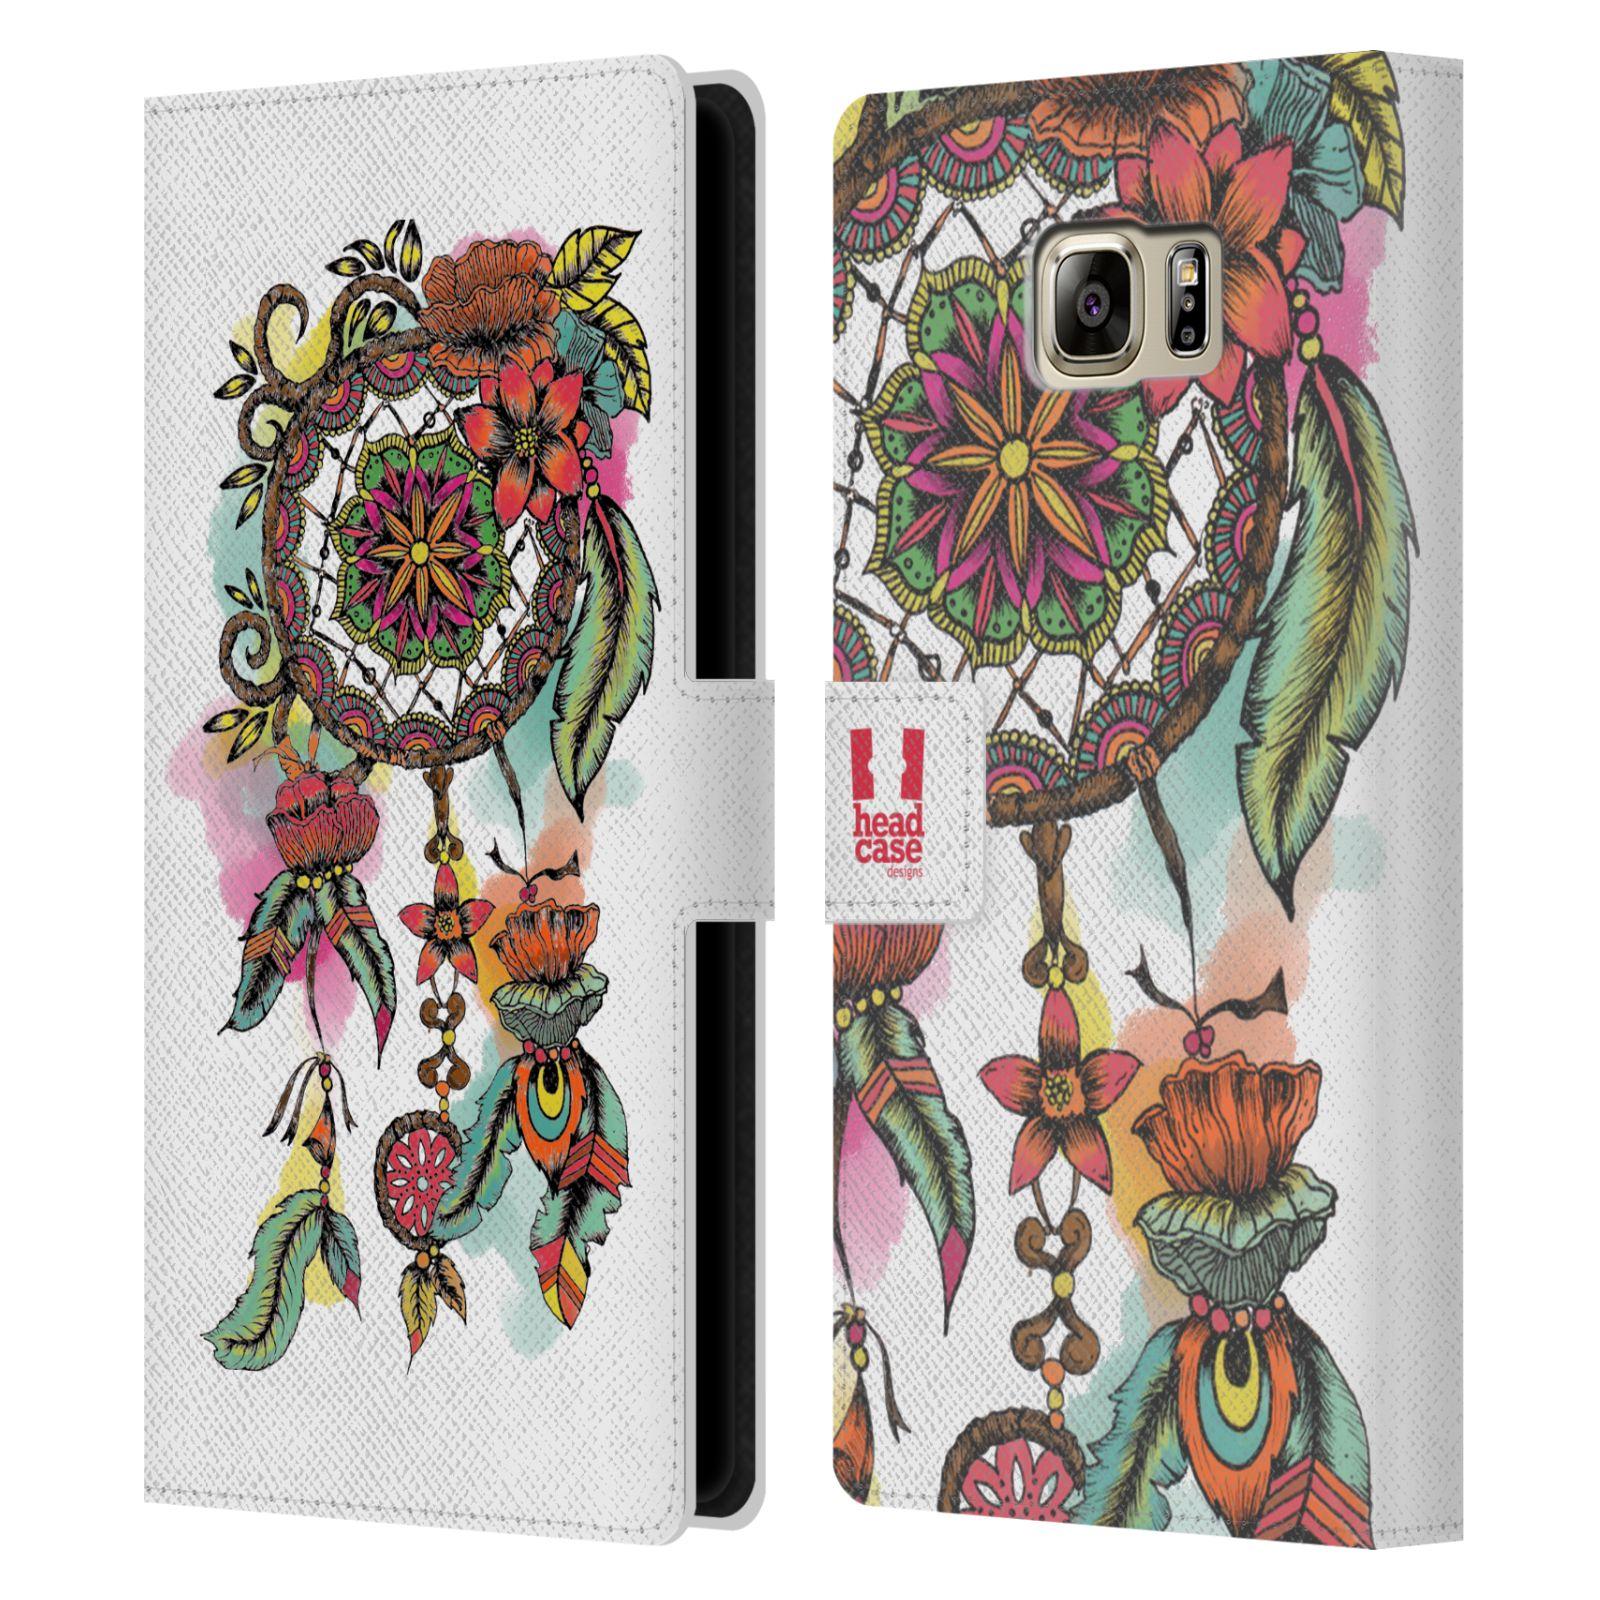 Pouzdro na mobil Samsung Galaxy NOTE 5 - Head Case - Lapač snů květy červená